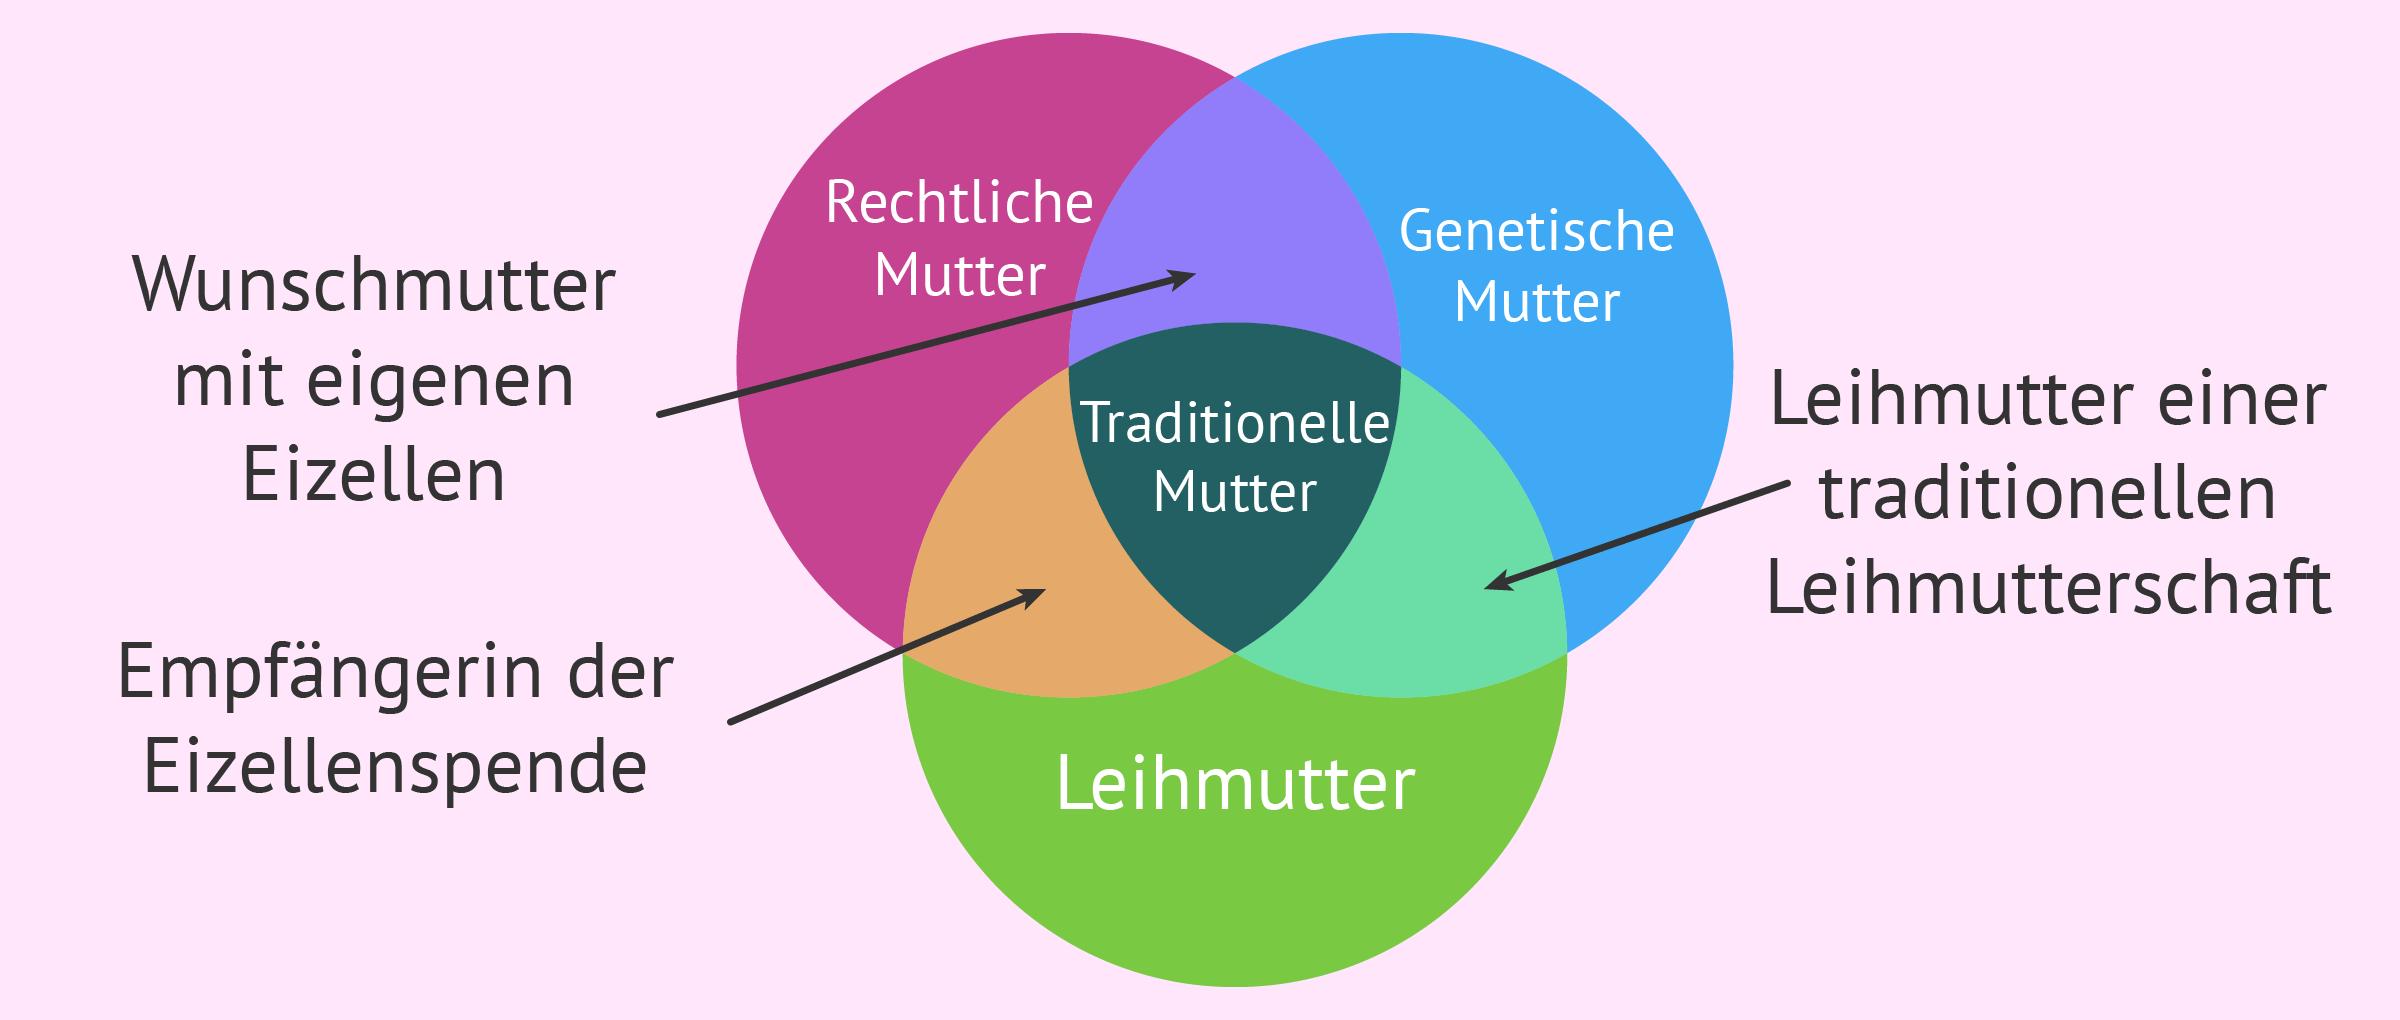 Wie das Mutterschaftskonzept aufgeteilt wird